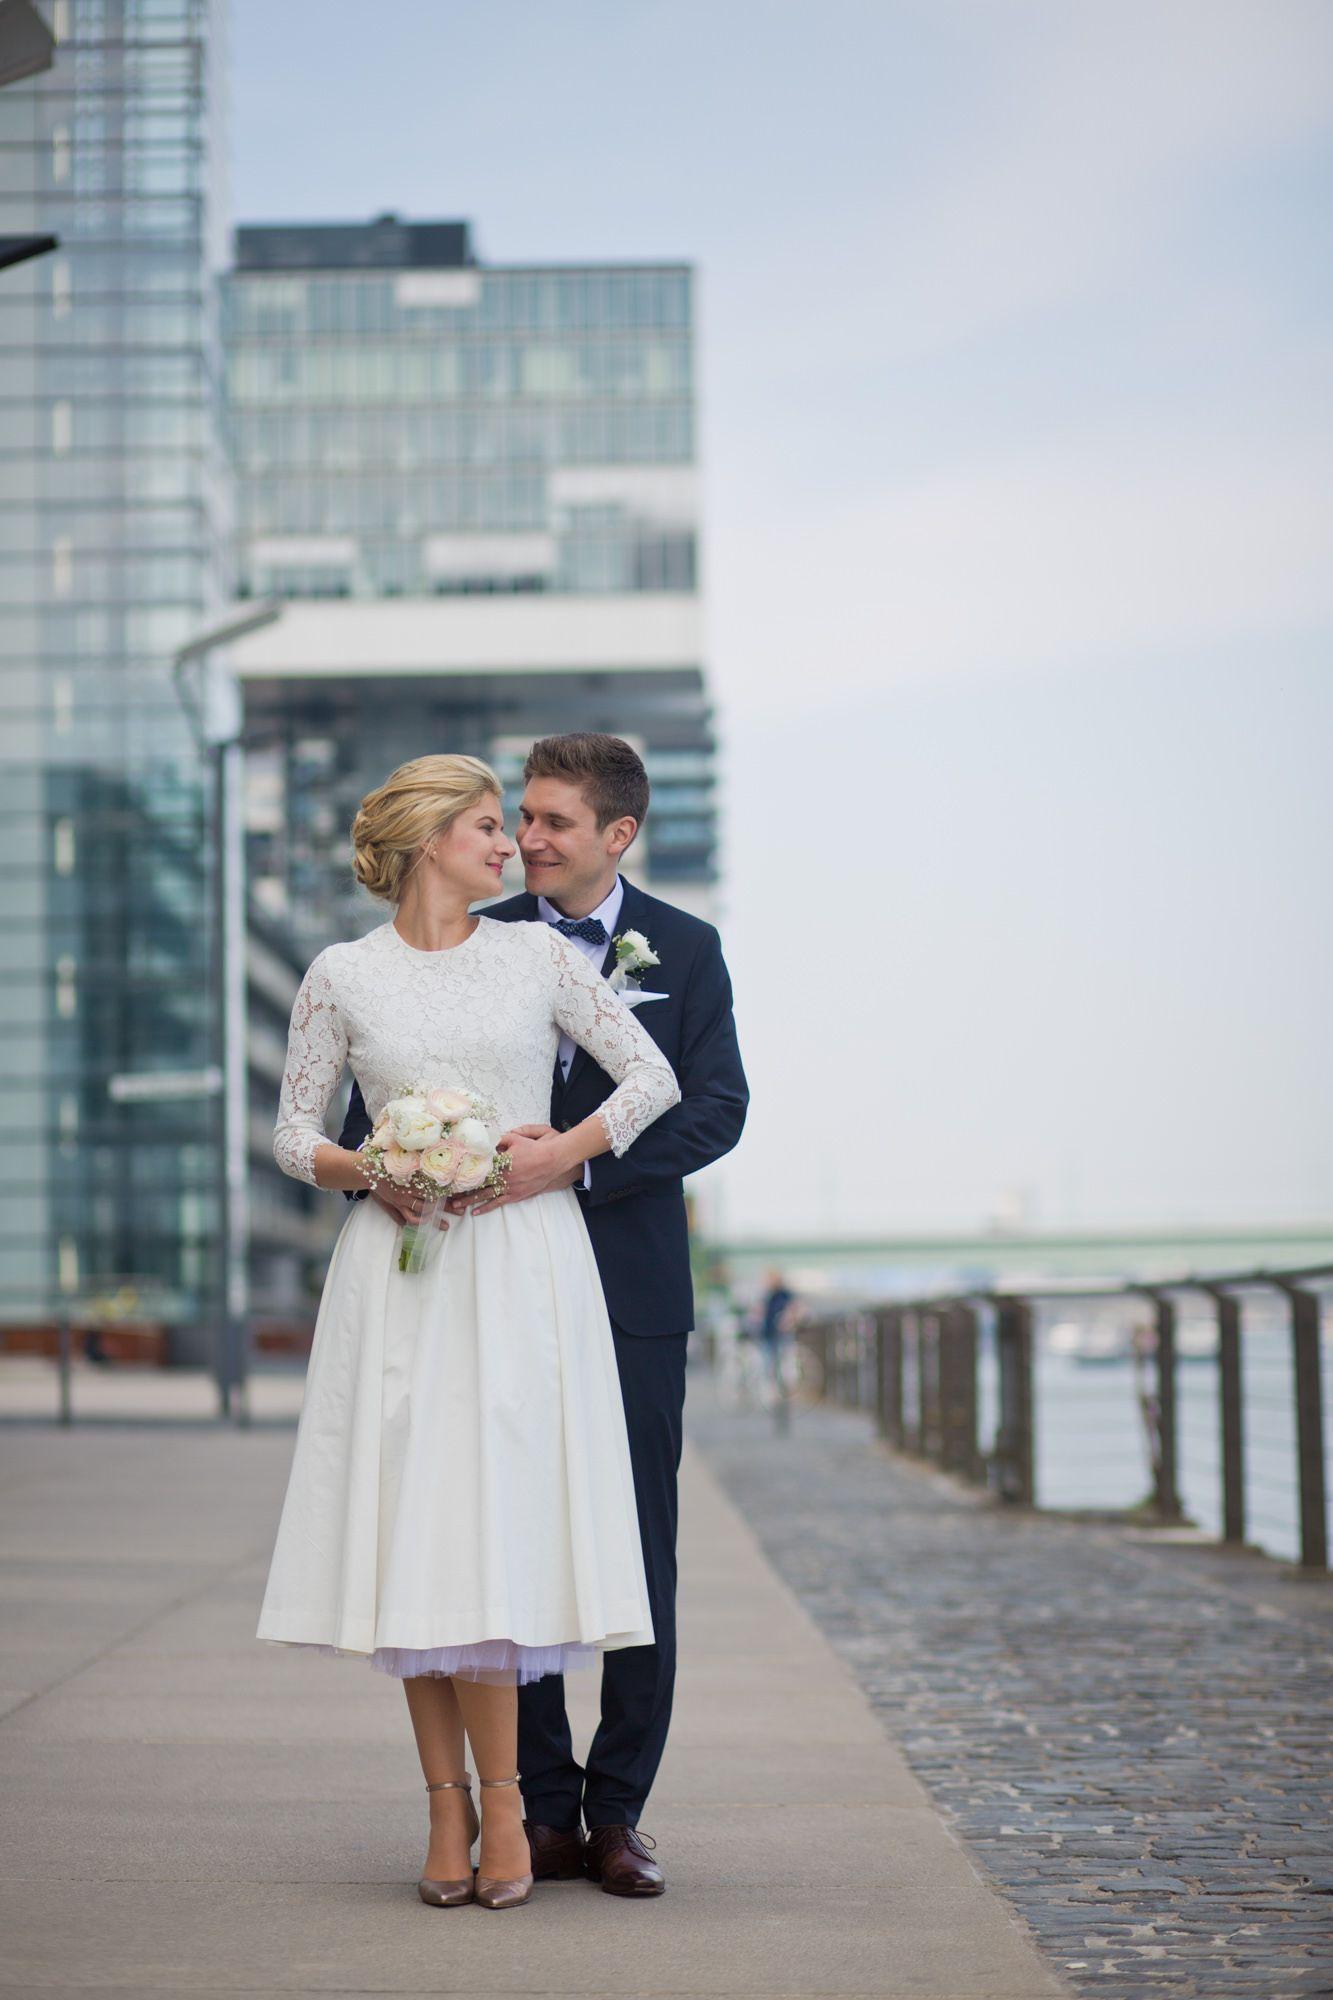 Hochzeitsfotos in Köln am Rheinufer bei Kranhäuser in 2020